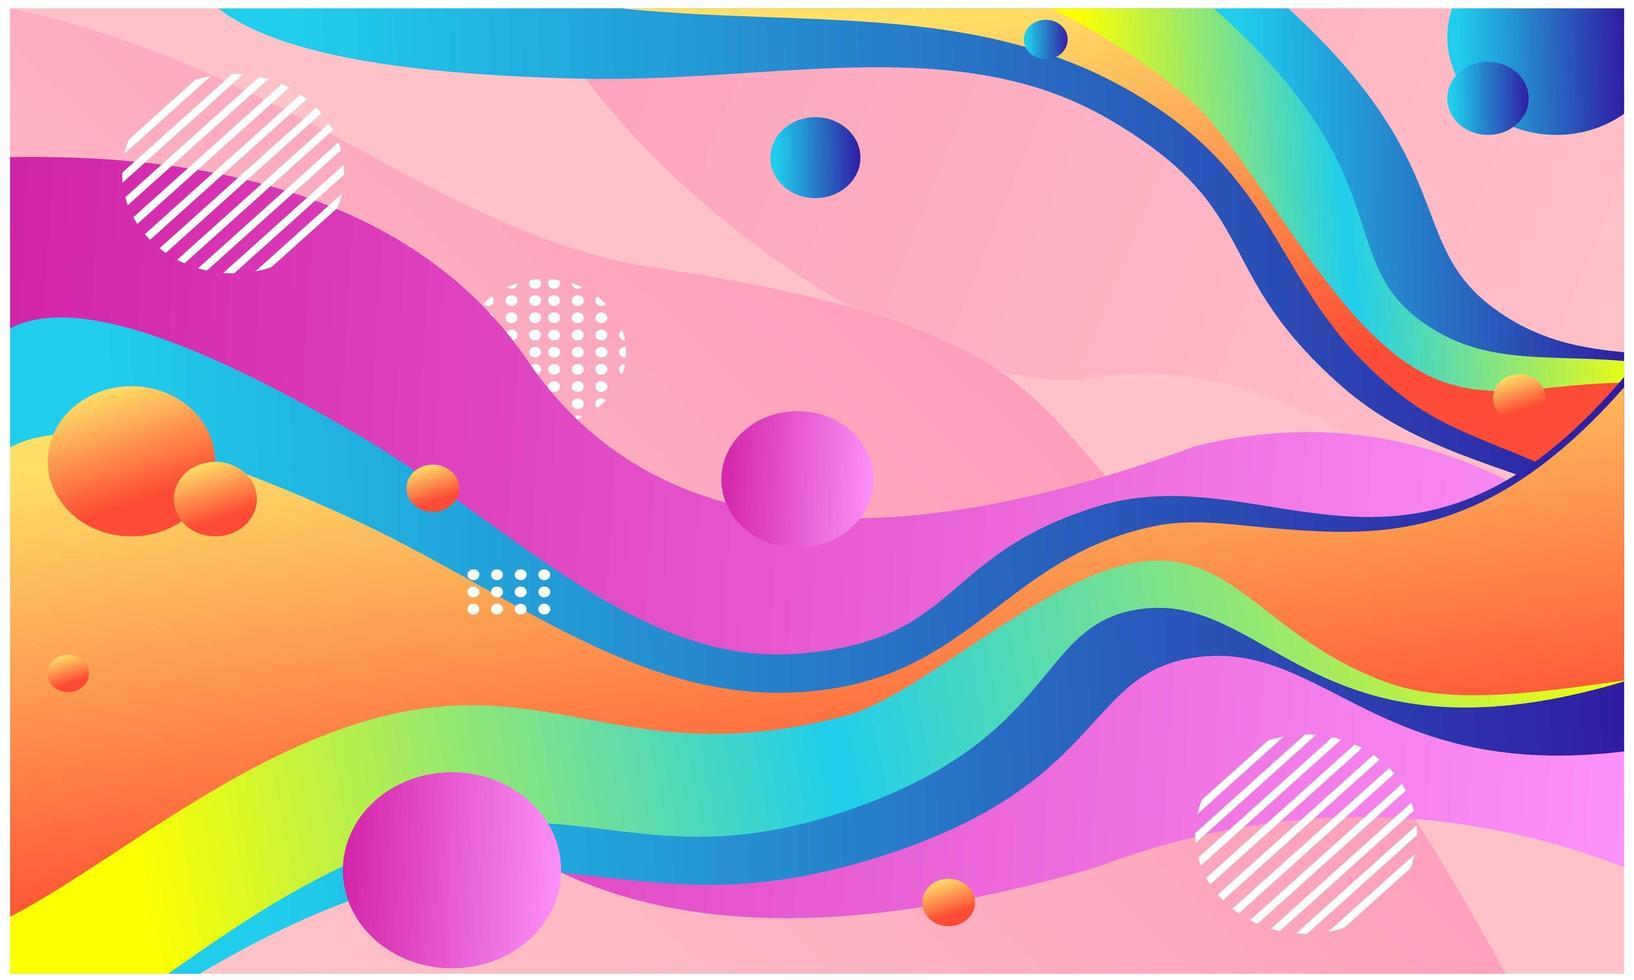 bunter Flusshintergrund. abstrakte bunte Formenhintergrund vektor